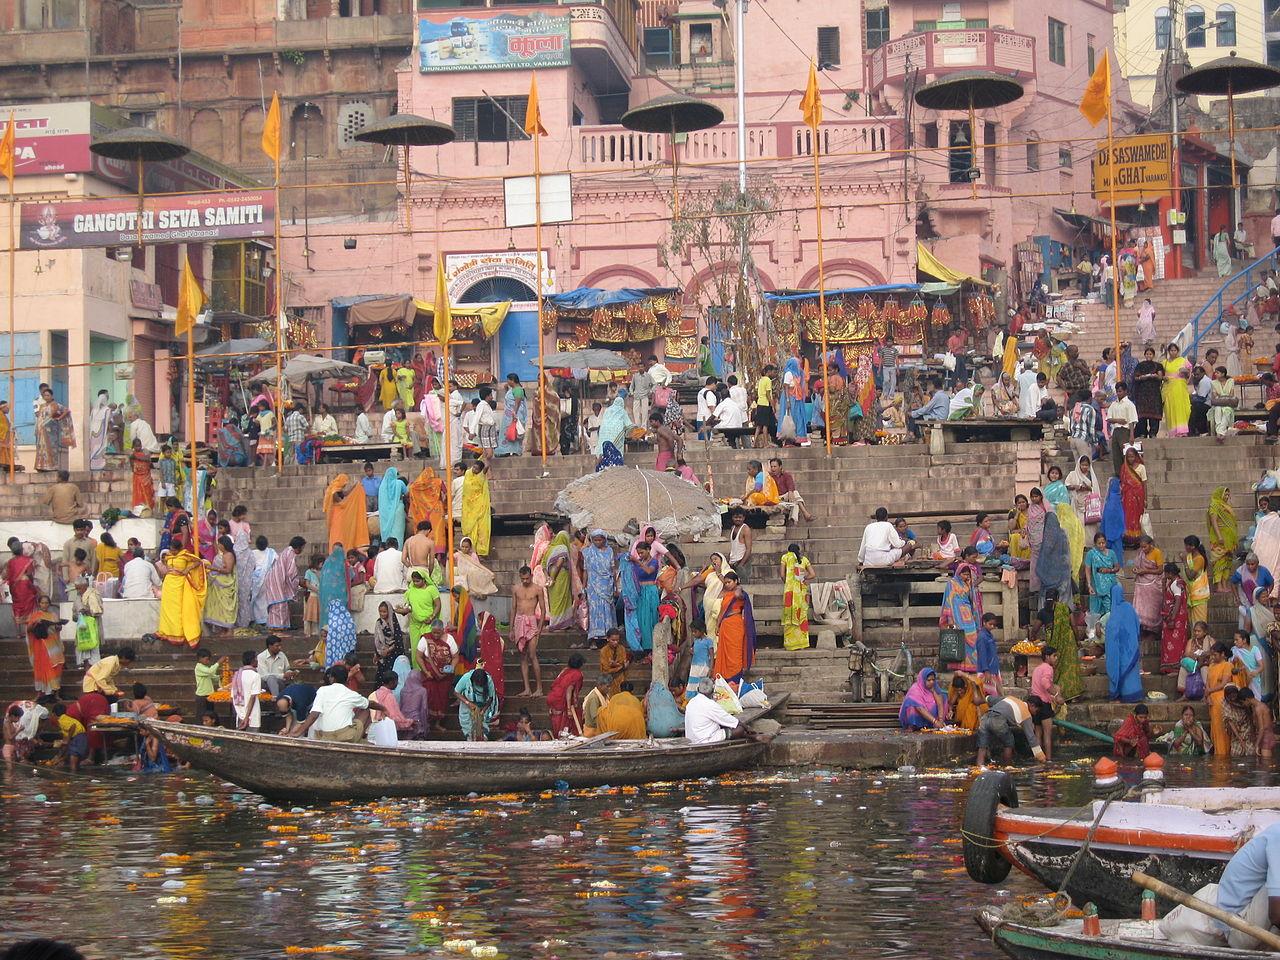 Od świętej rzeki Ganges uzależnione są miliony Hindusów. (Fot. JM Suarez/Flickr, licencja CC BY-SA 2.0)